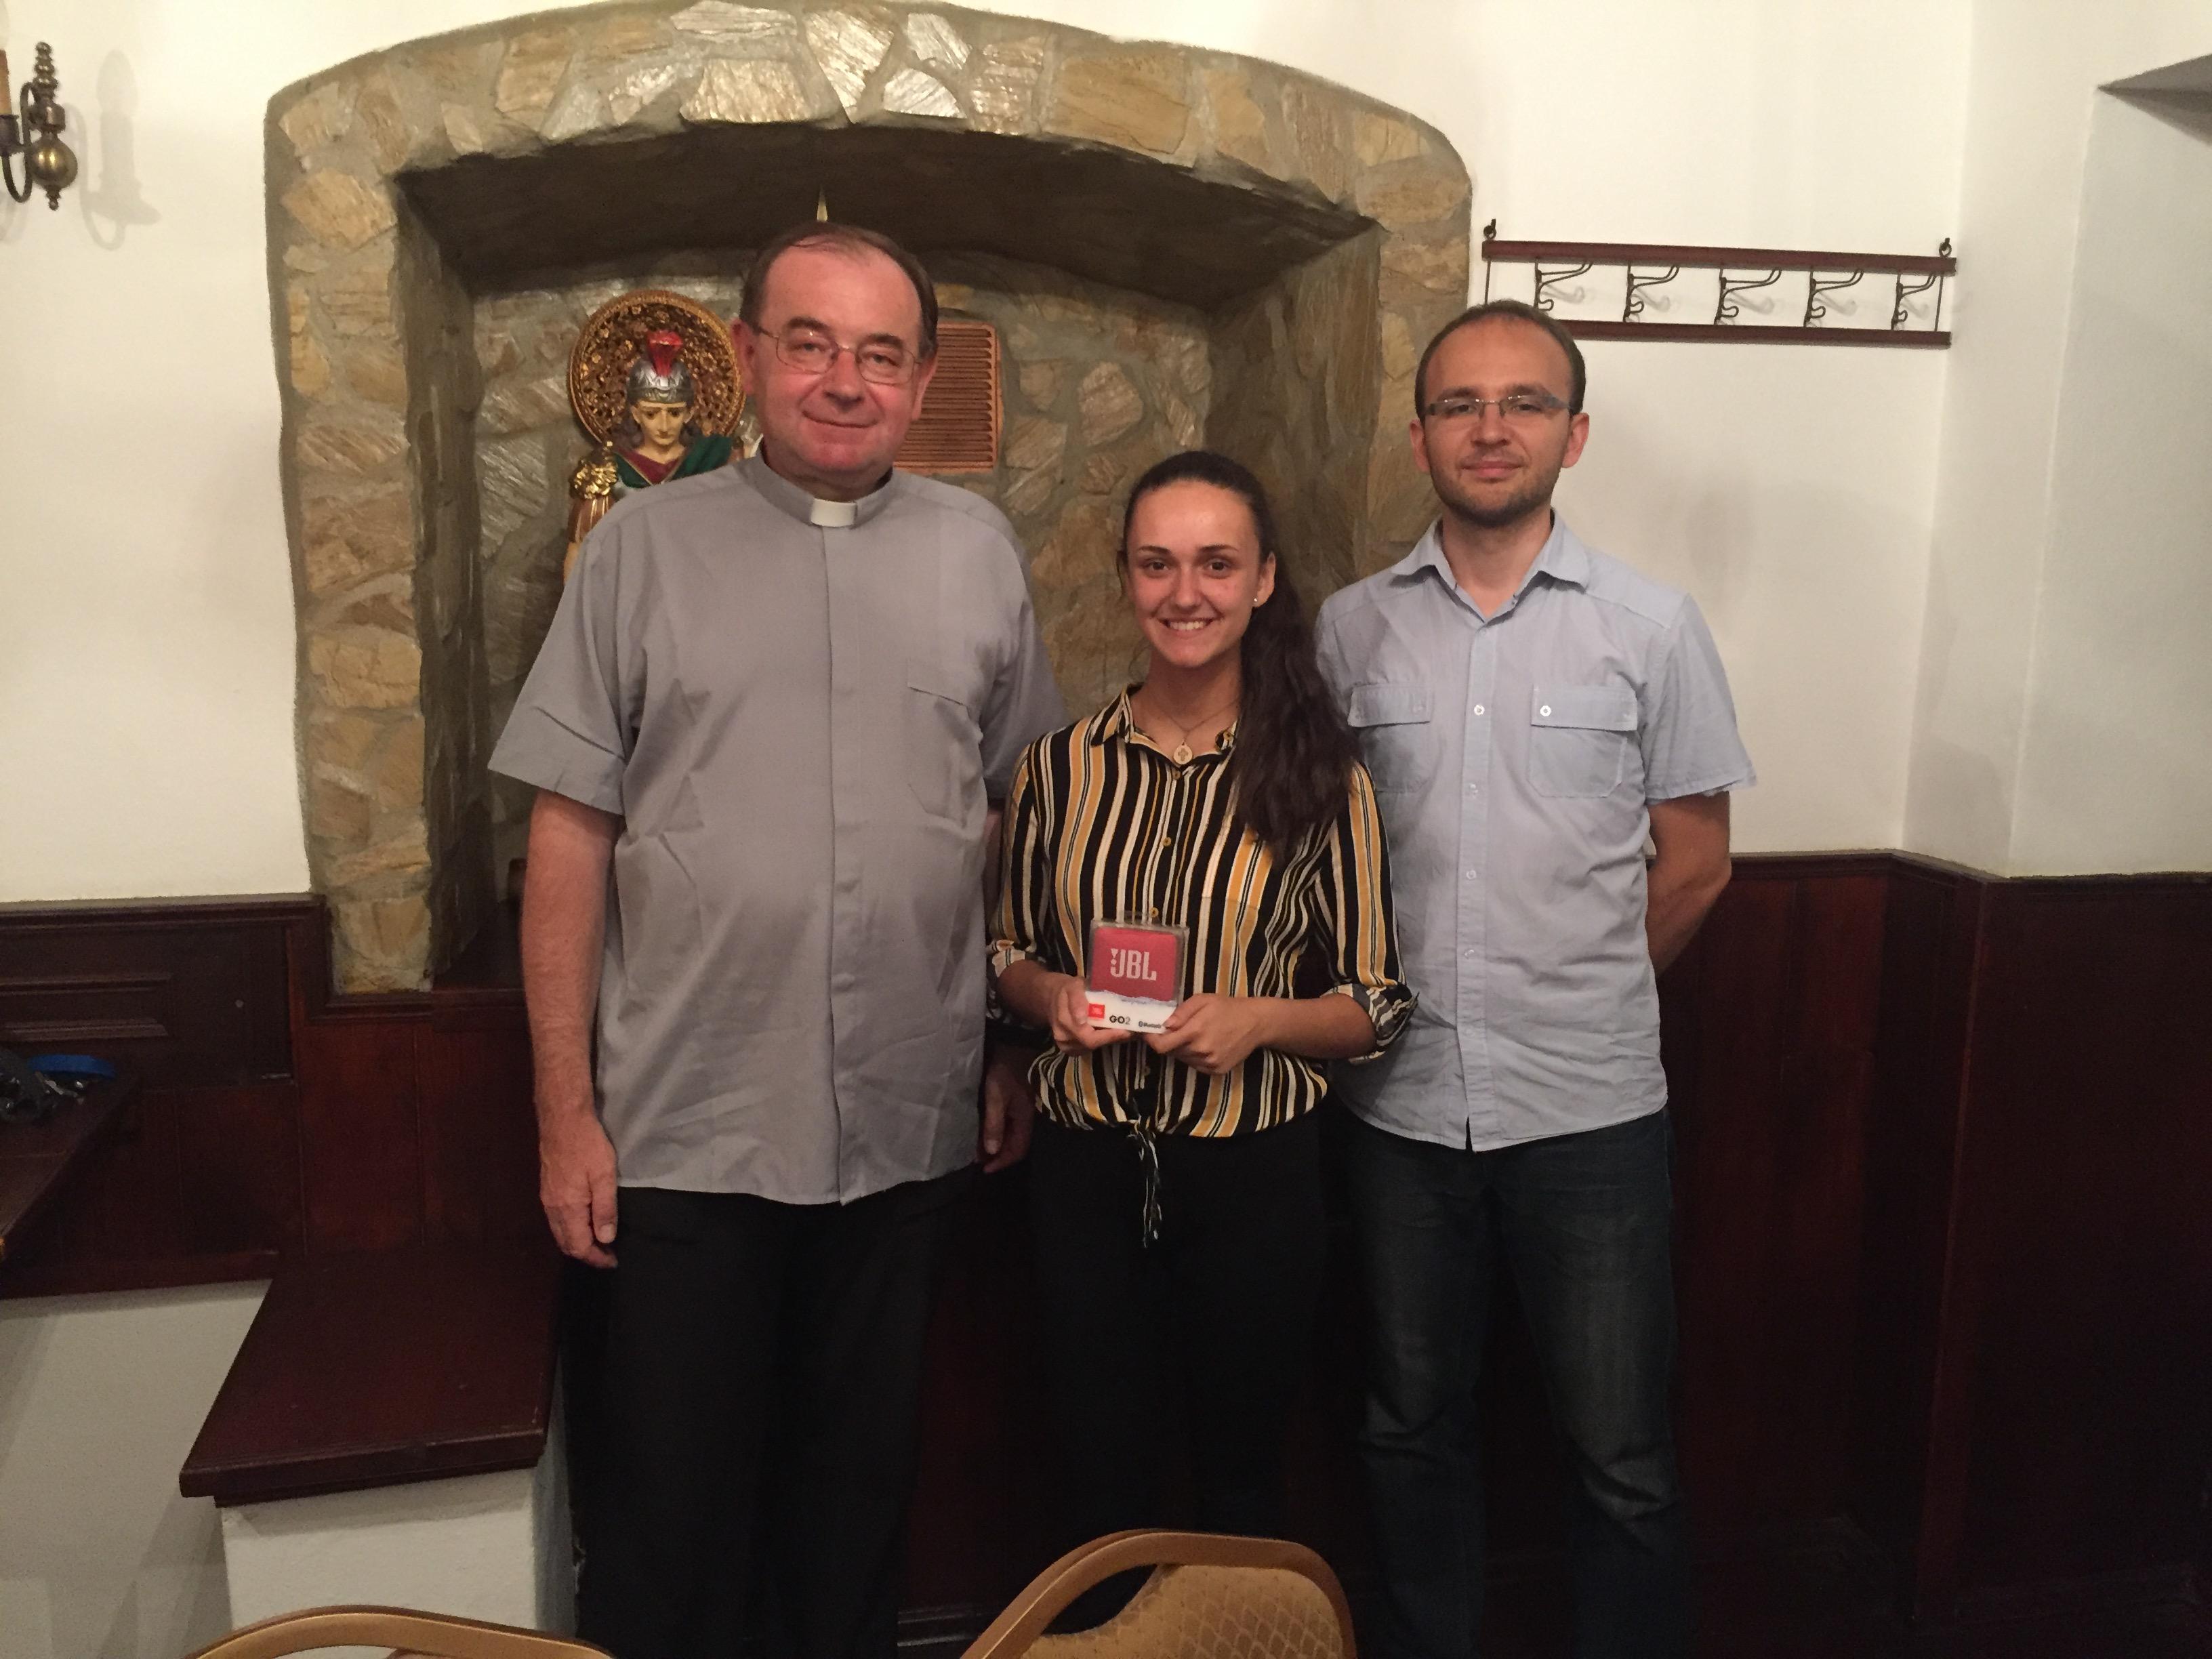 Okrem 2-dňovej stáže v Rádiu LUMEN získala Natália aj bluetooth reproduktor. Na fotografii vľavo otec Juraj Spuchľák, generálny riaditeľ Rádia LUMEN a redaktor Ivo Novák (vpravo)